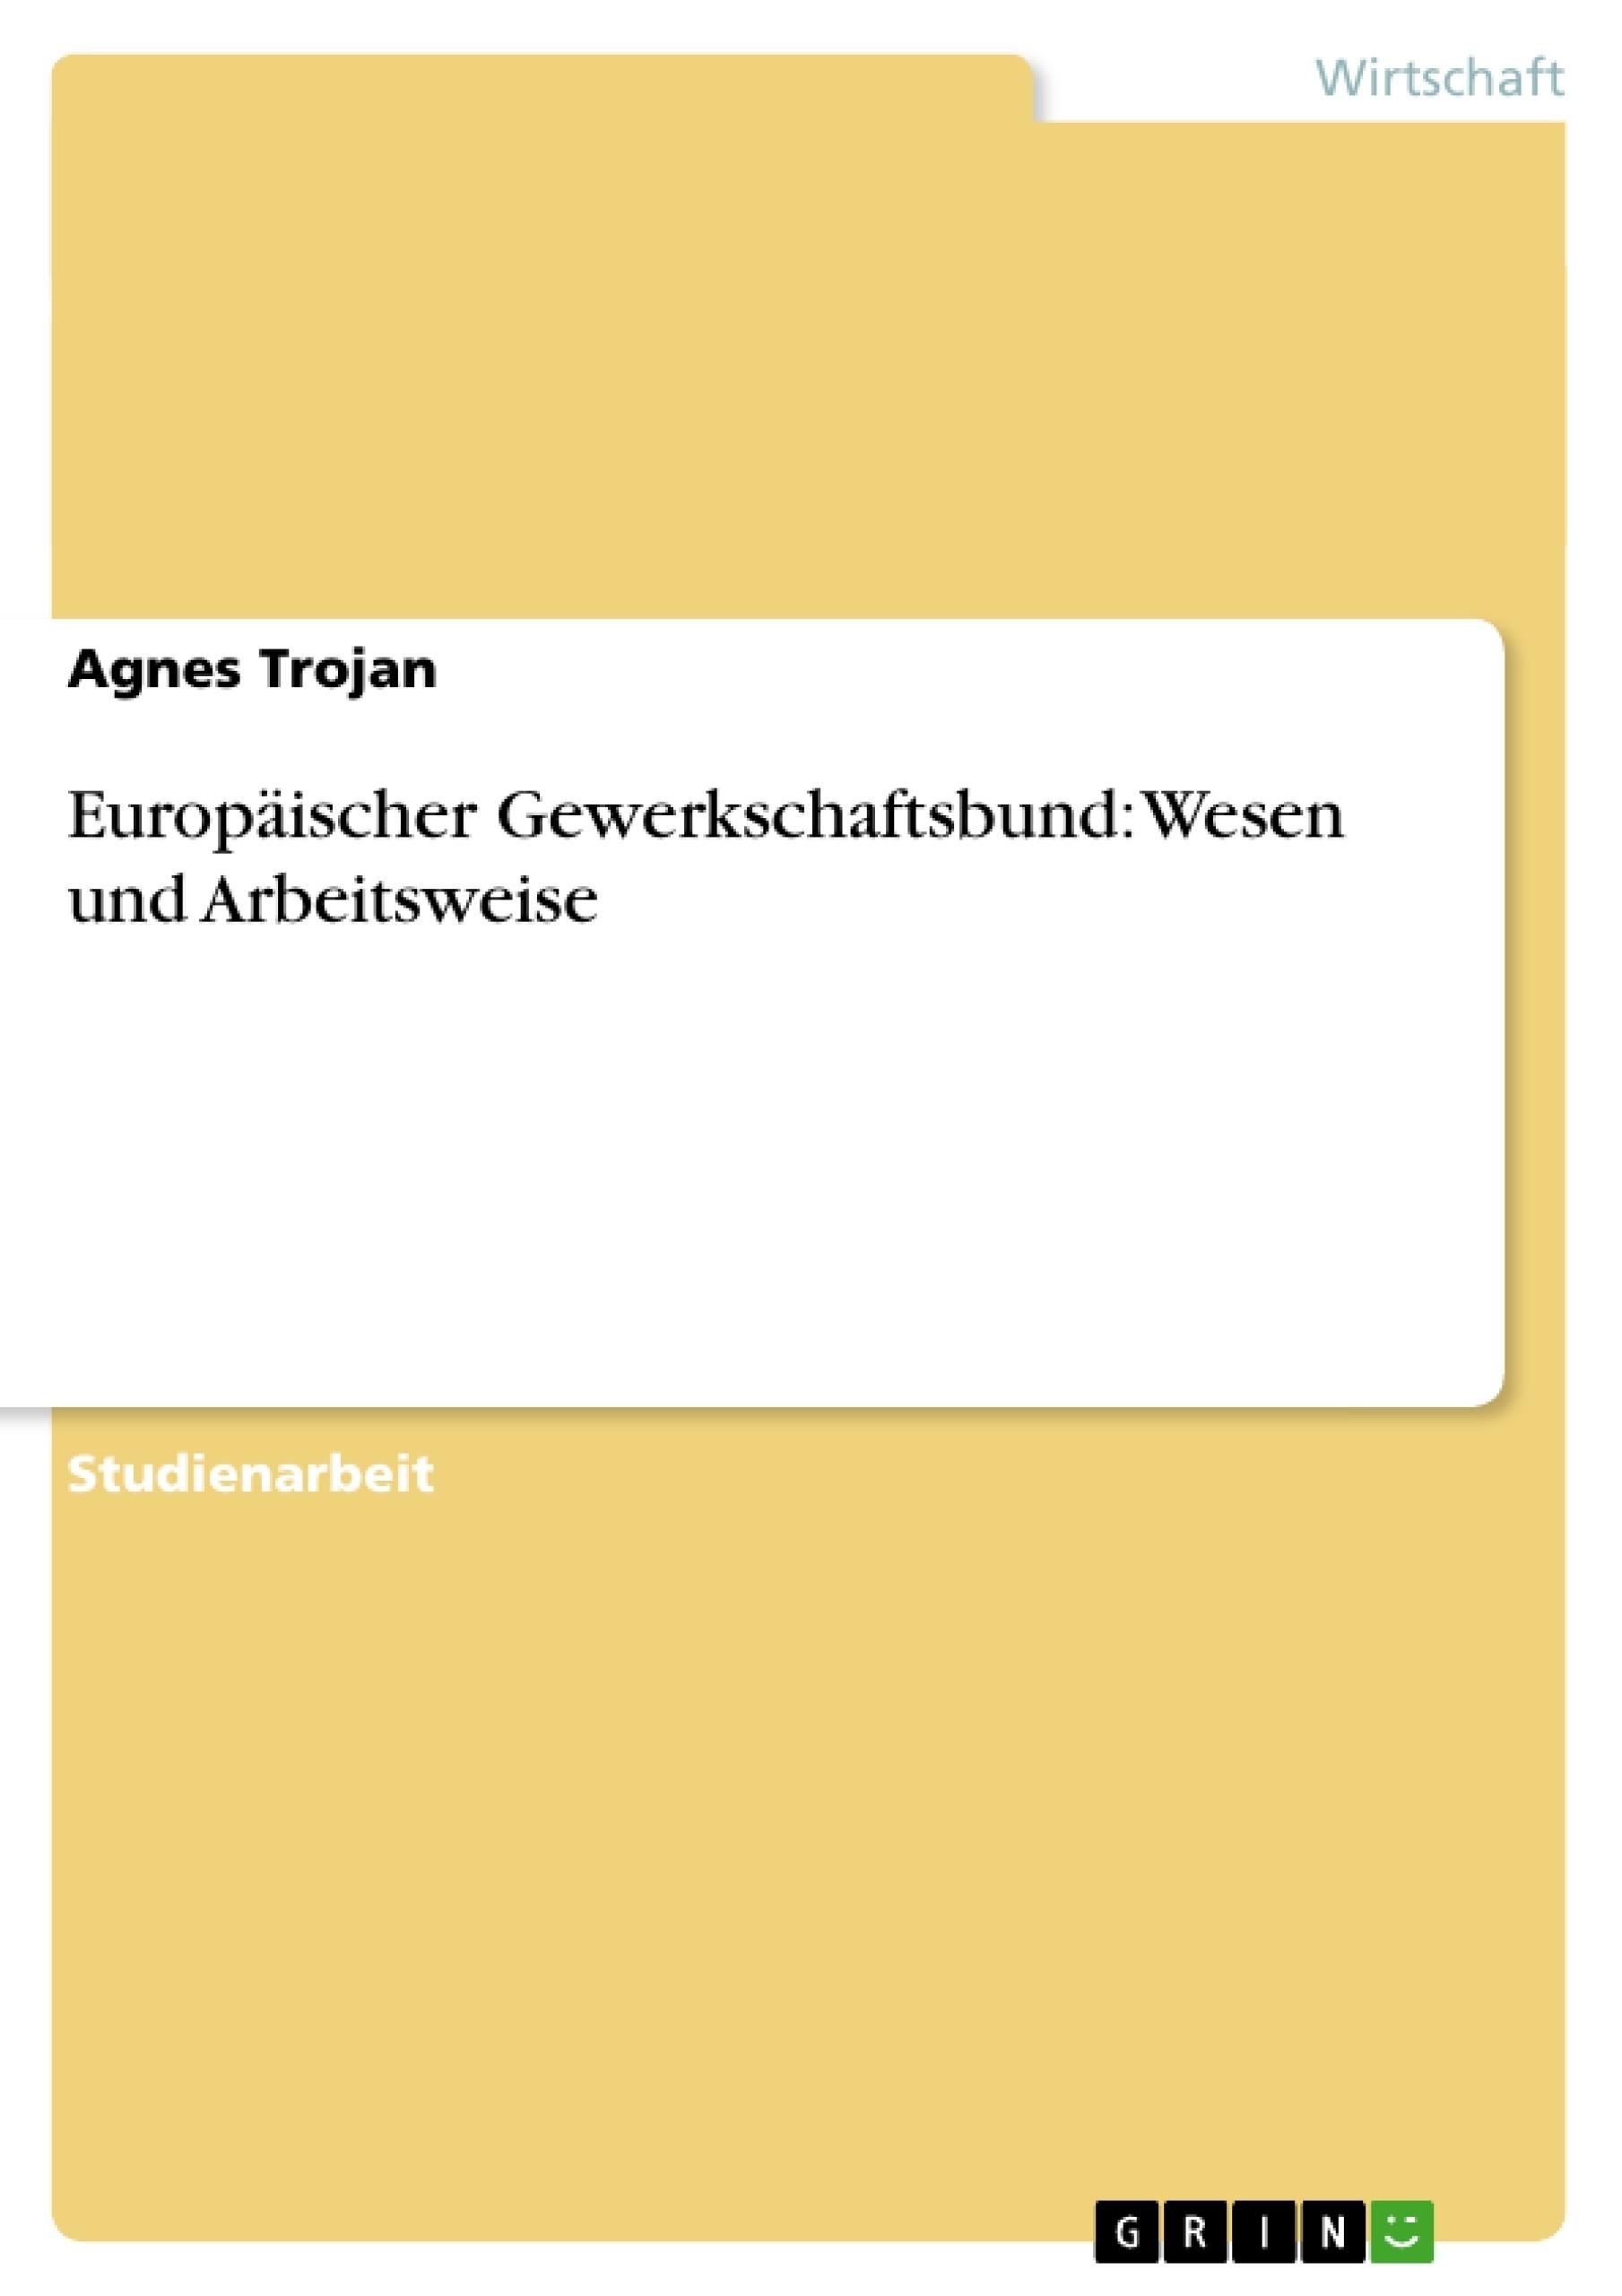 Titel: Europäischer Gewerkschaftsbund: Wesen und Arbeitsweise